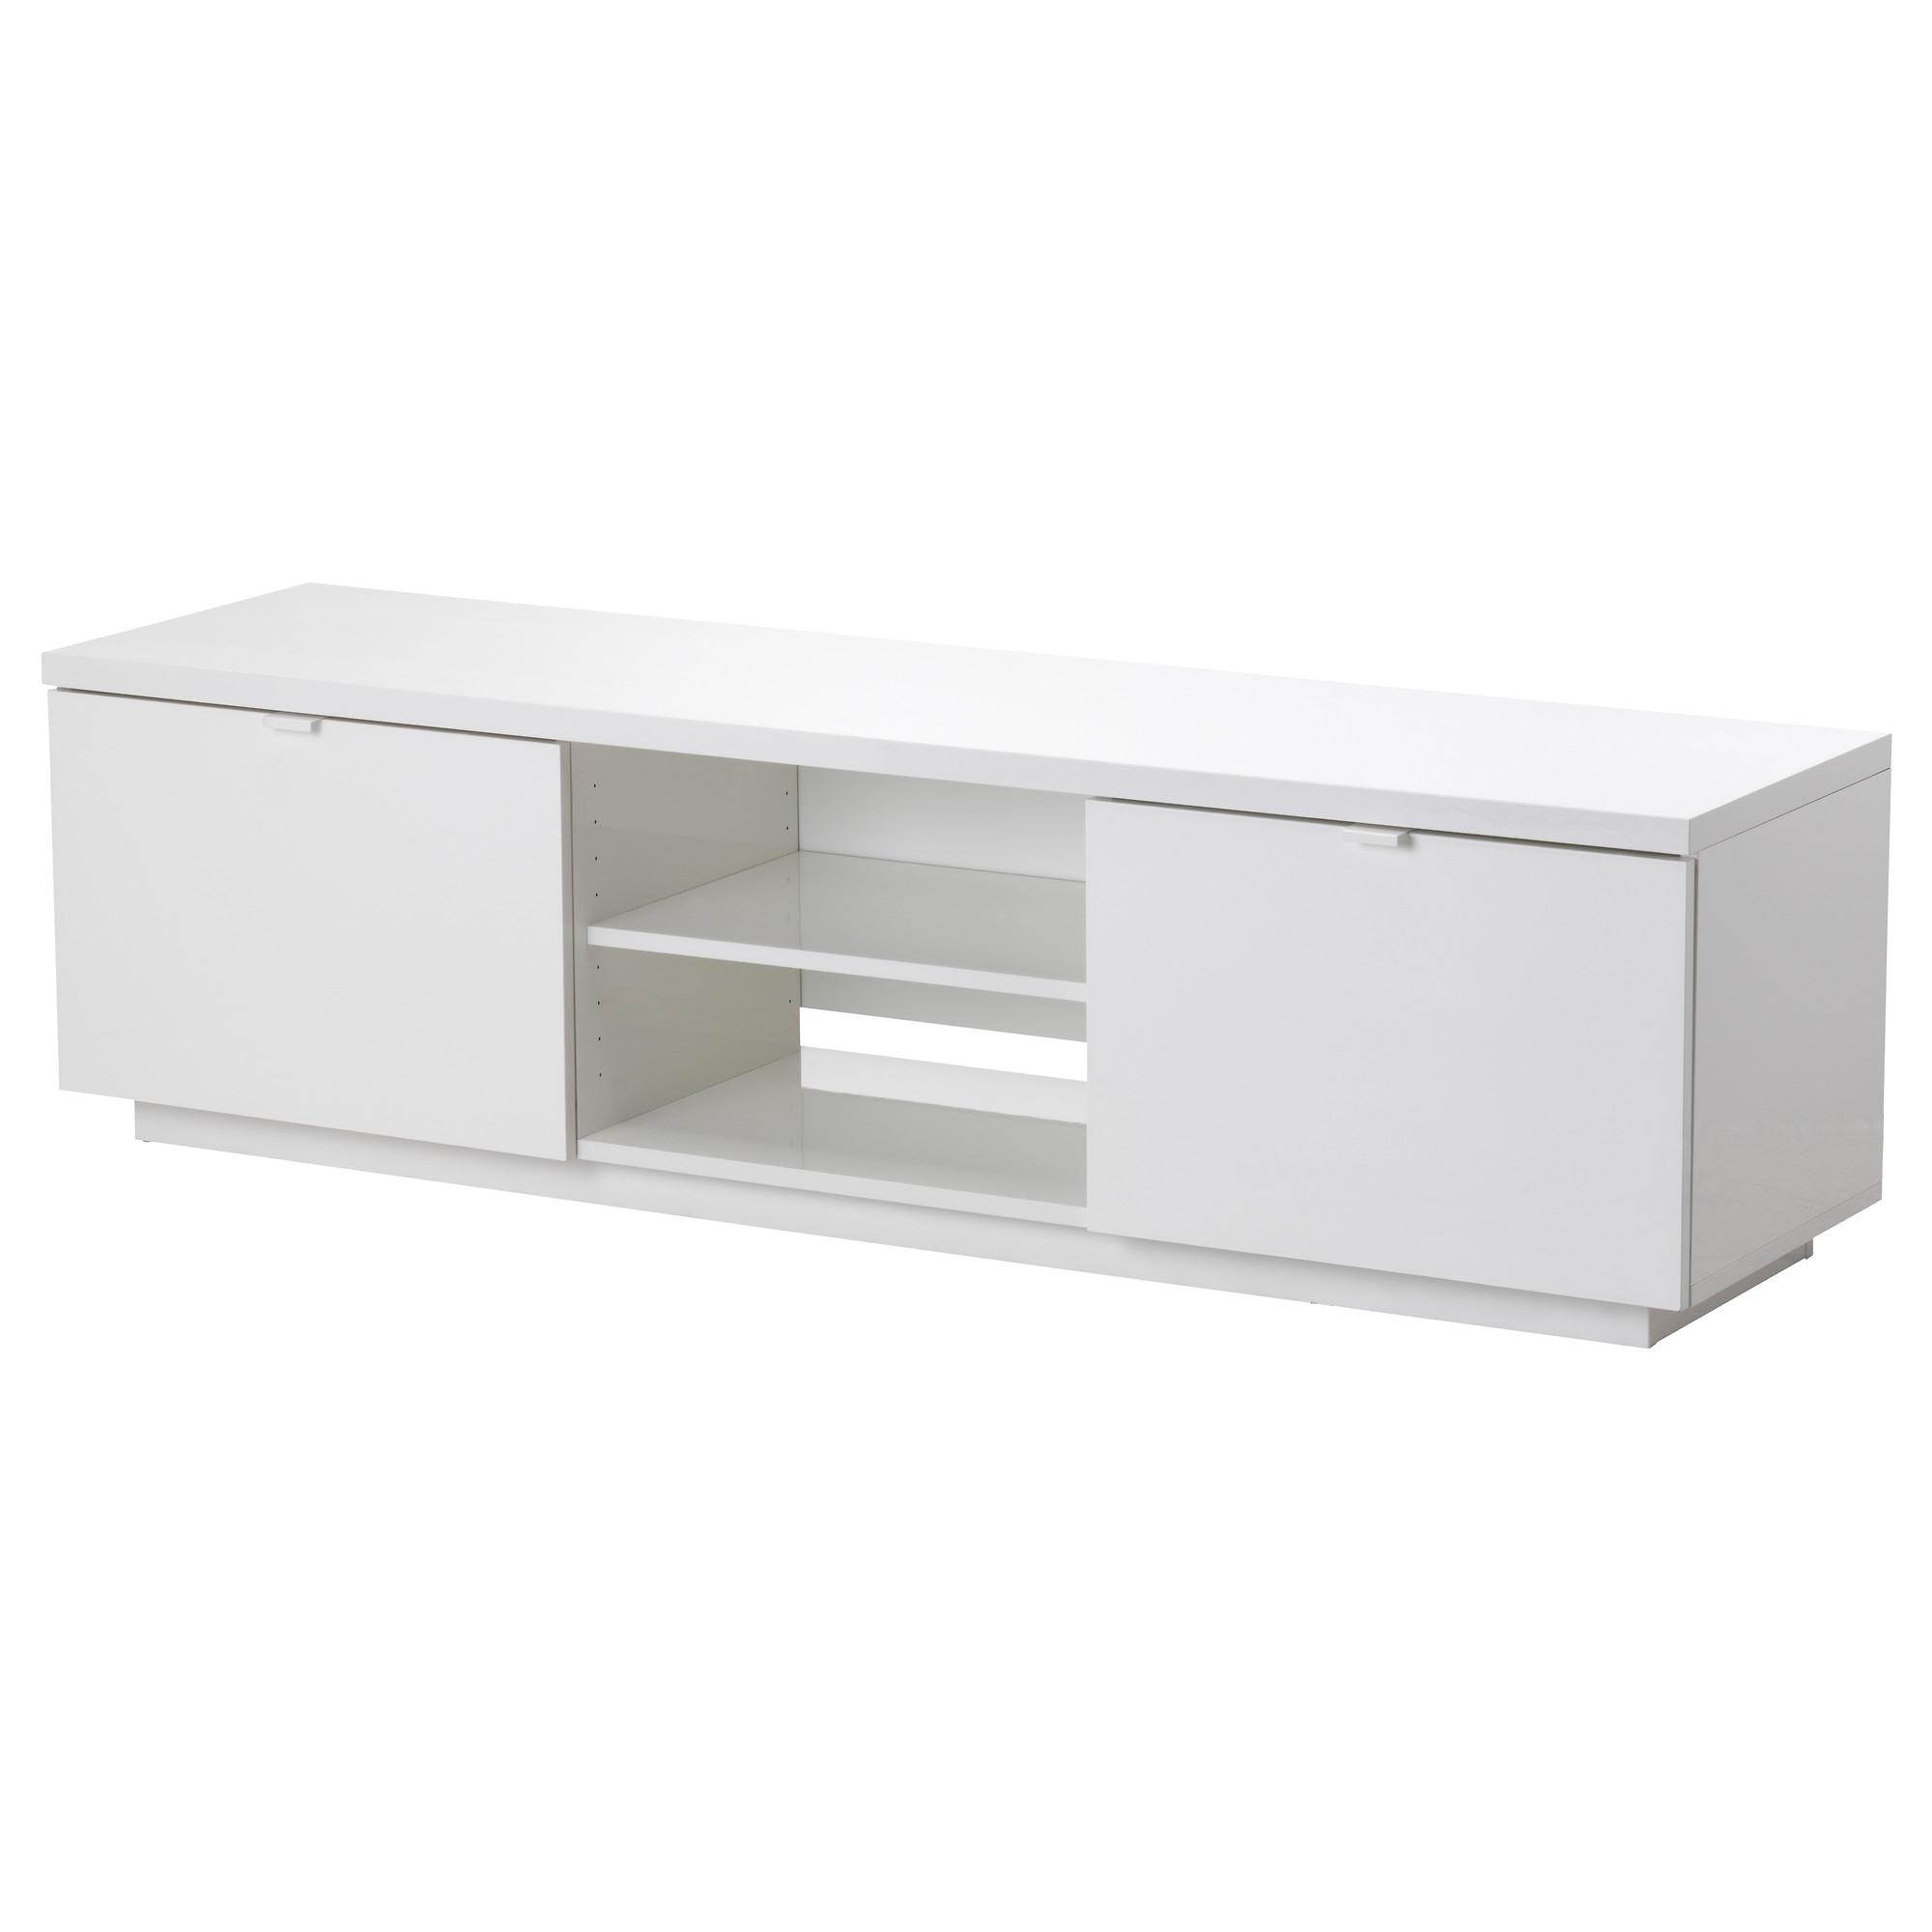 ikea gran canaria detalles producto. Black Bedroom Furniture Sets. Home Design Ideas